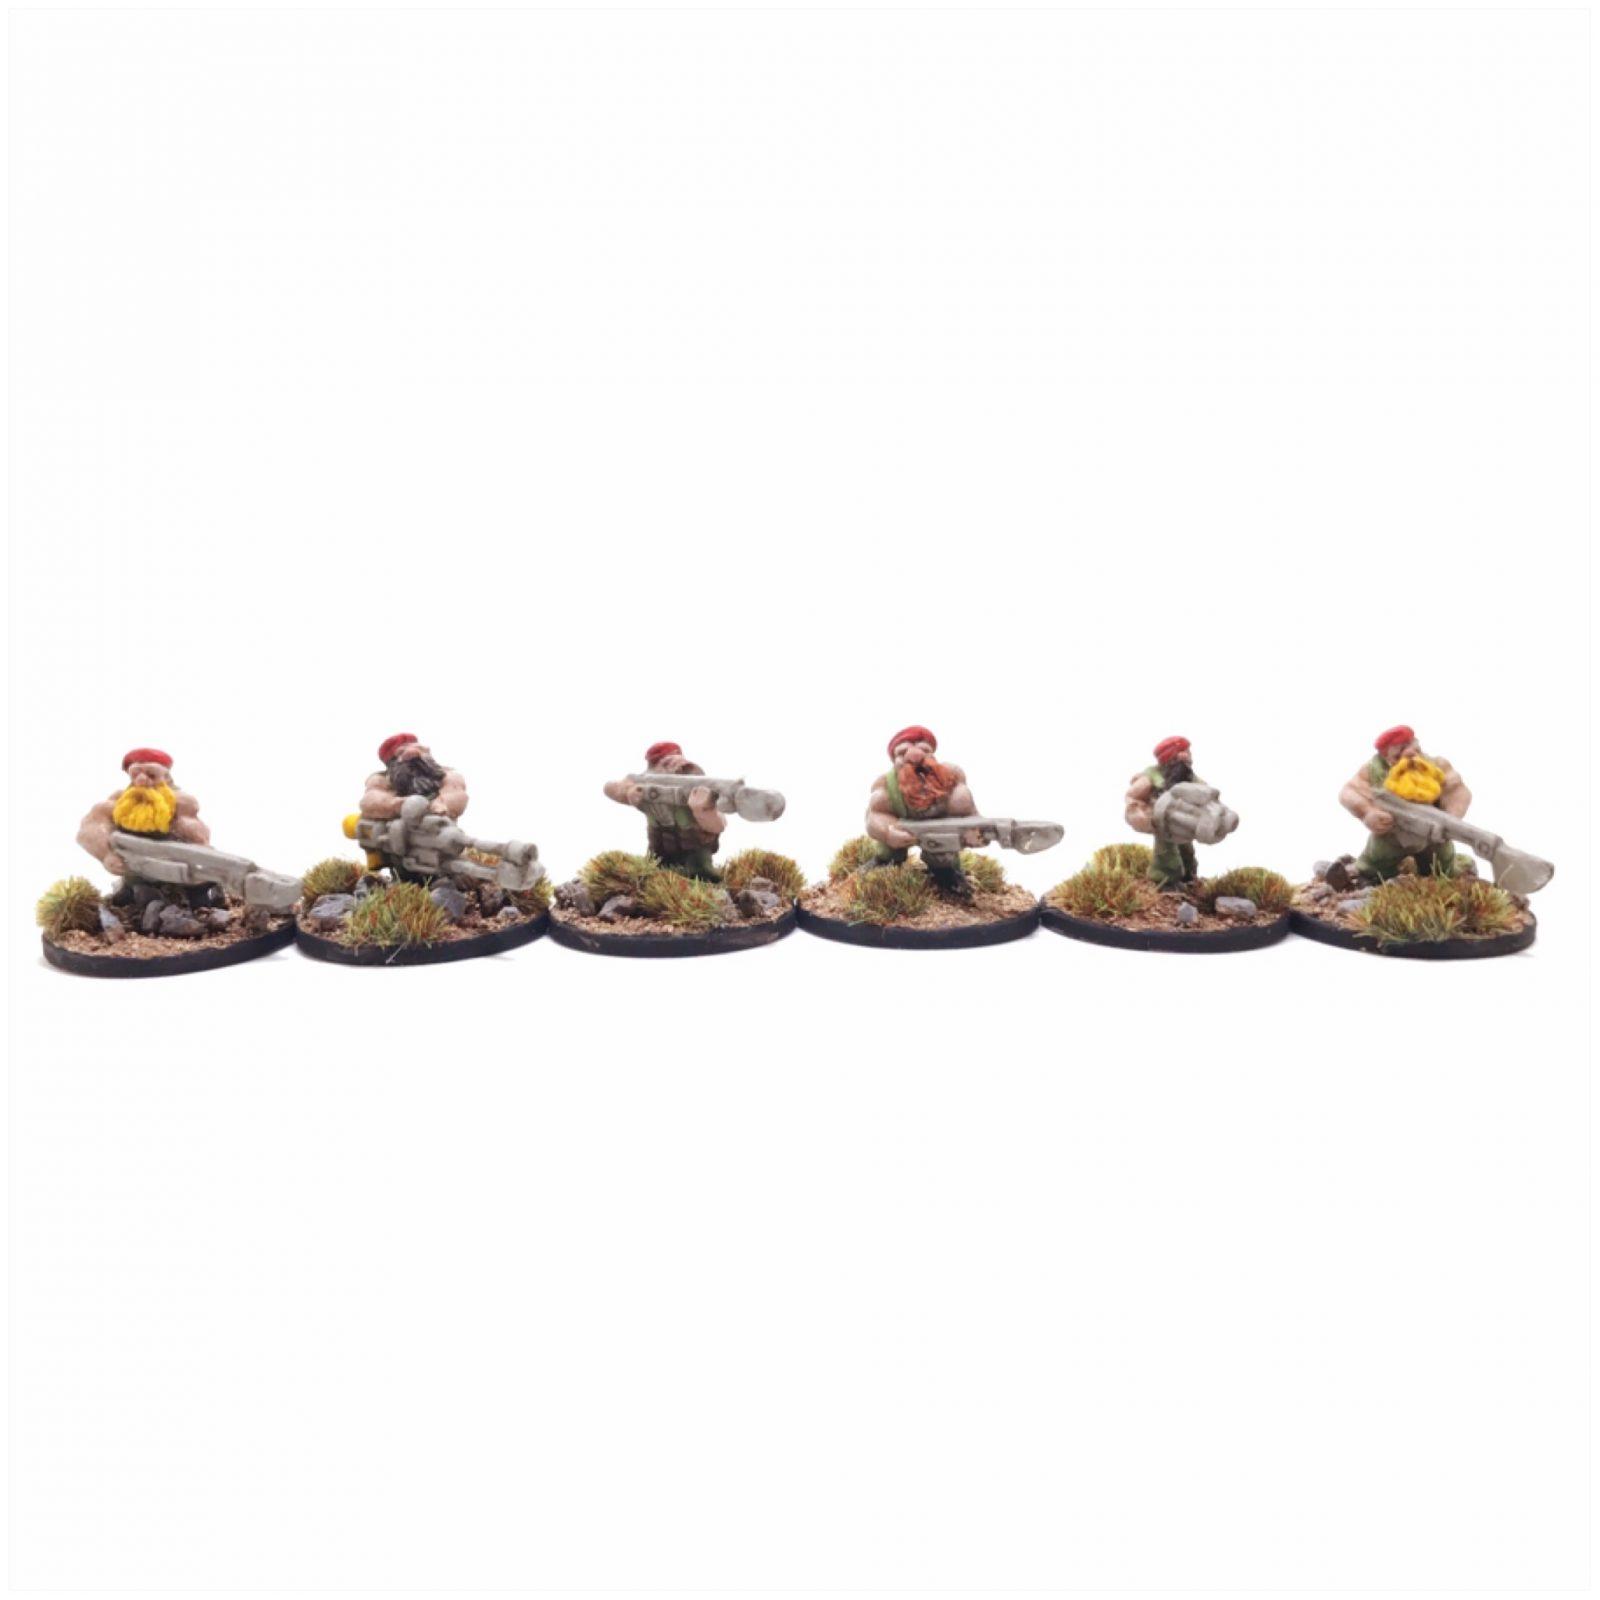 Dwarf Clansmen – Pack 1